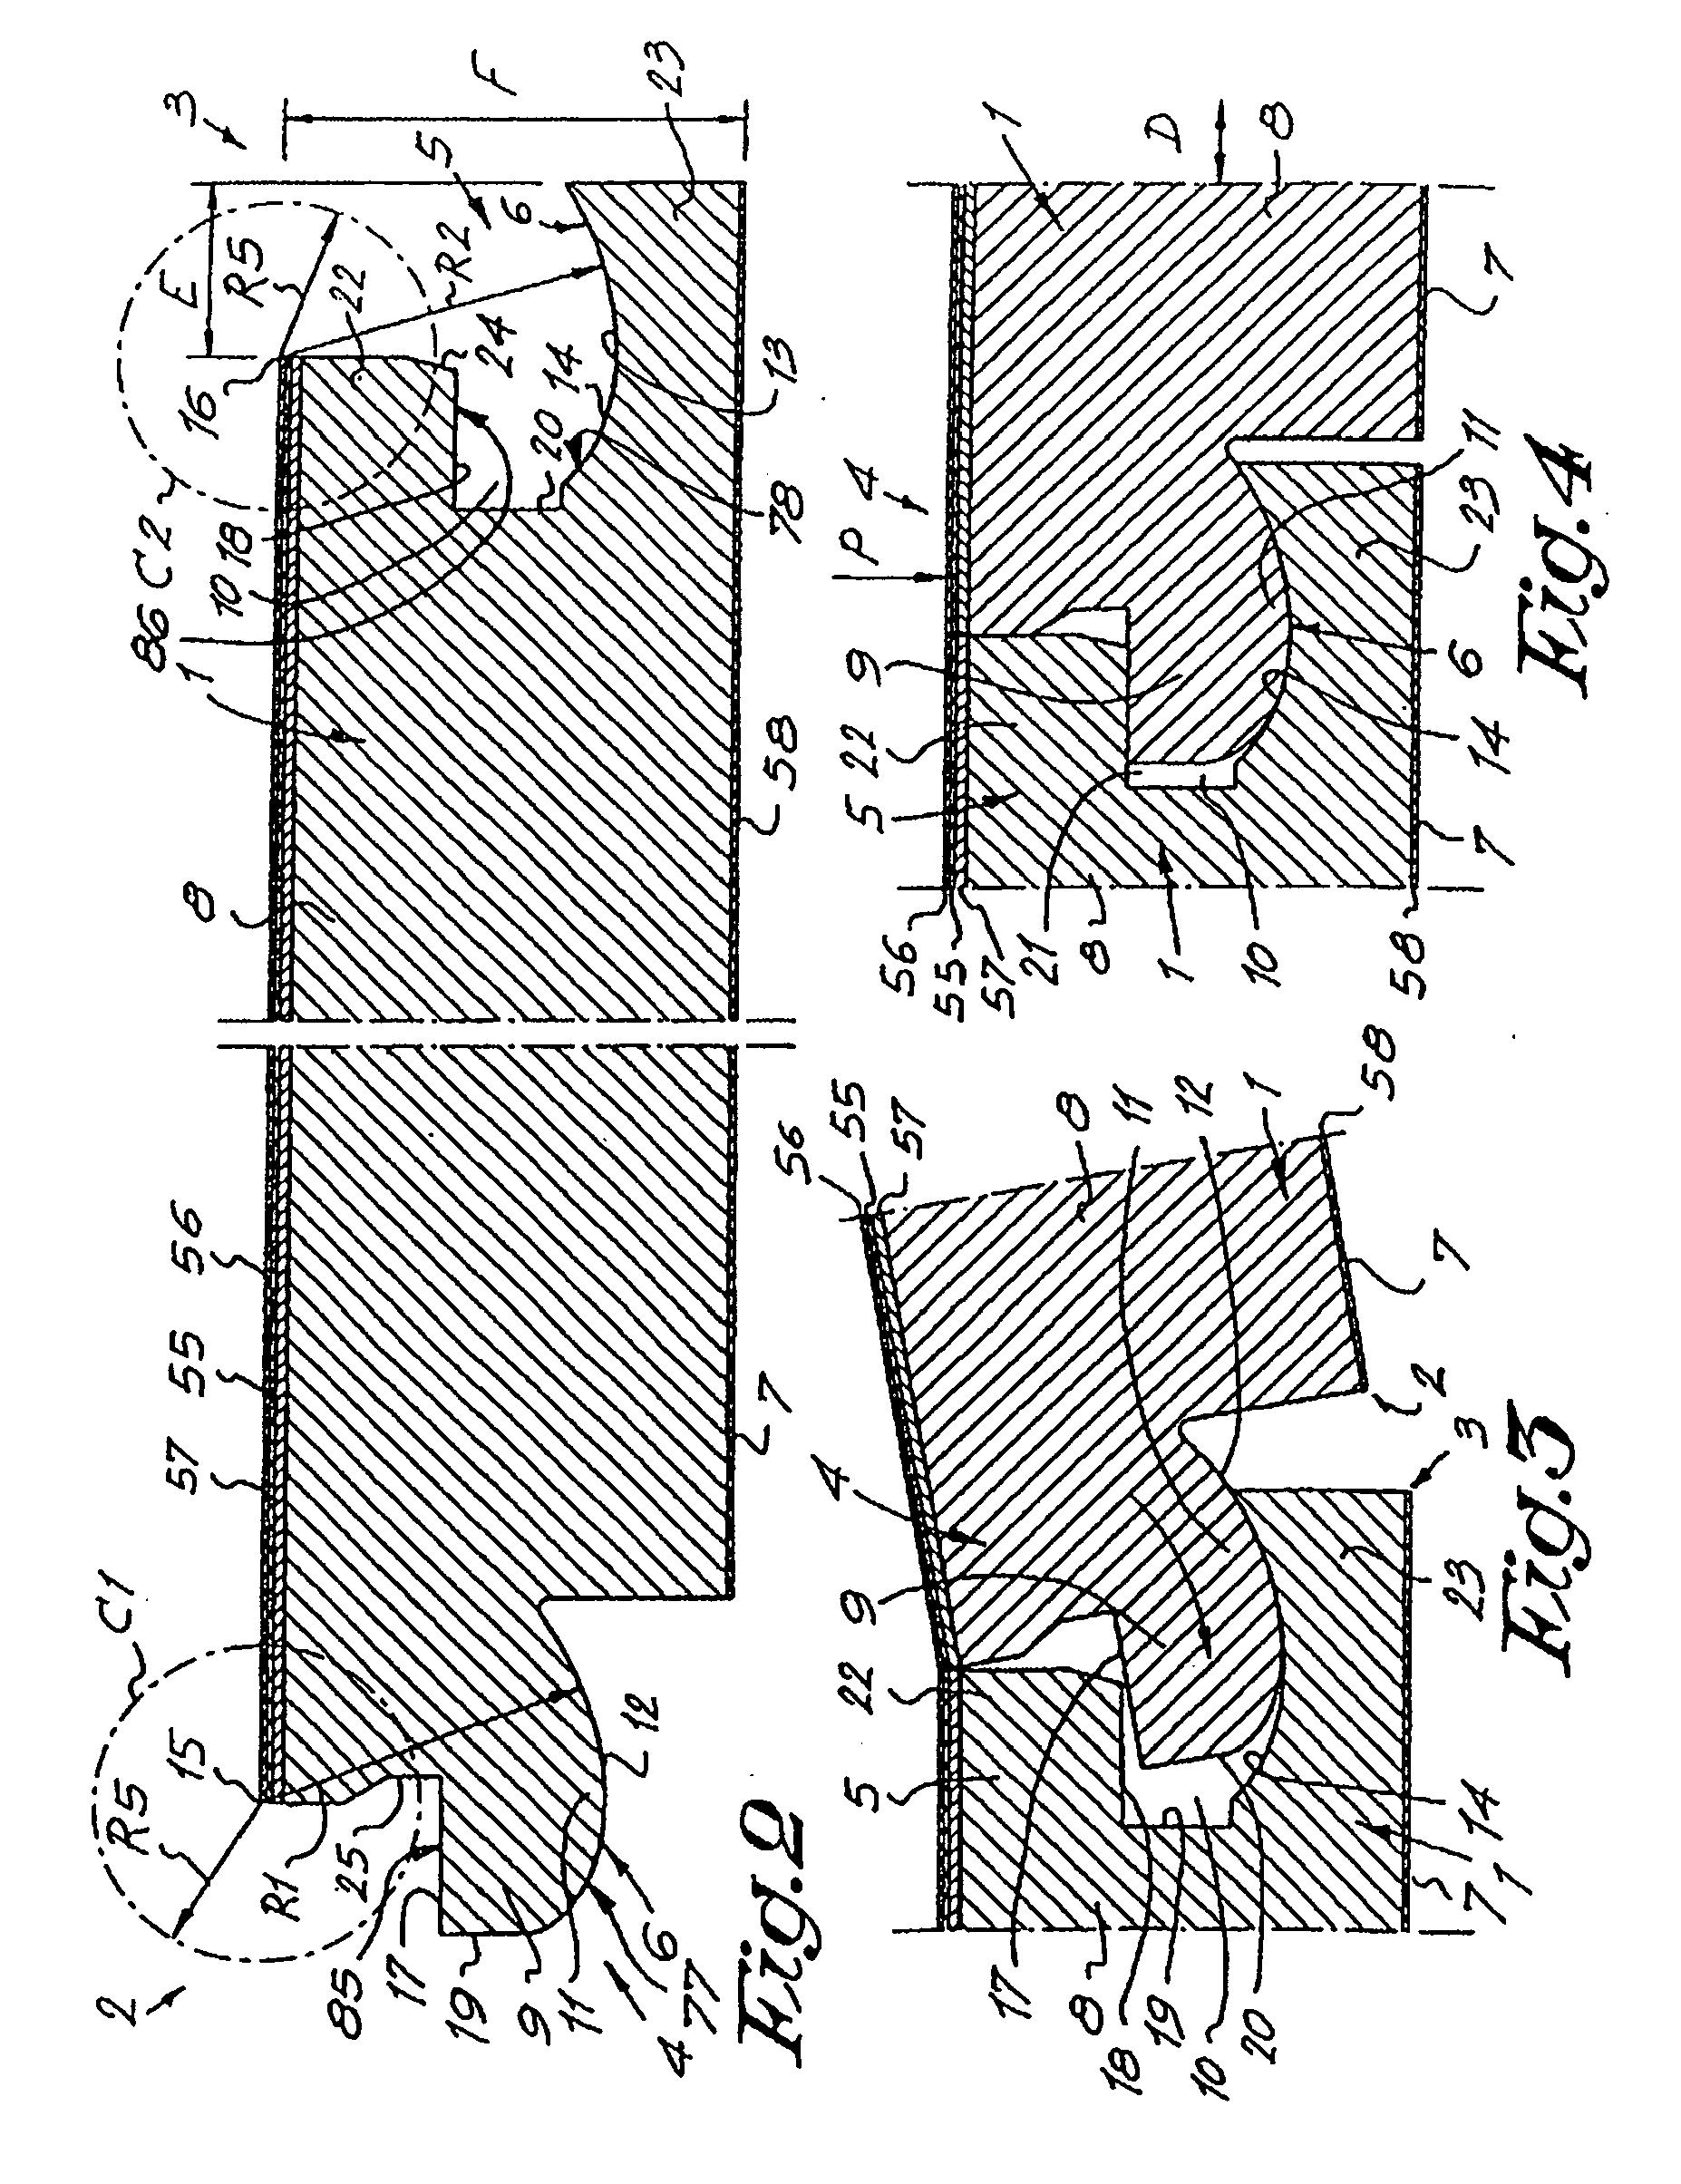 patent ep2275623a2 bodenbelag bestehend aus harten bodenplatten und verfahren zu ihrer. Black Bedroom Furniture Sets. Home Design Ideas